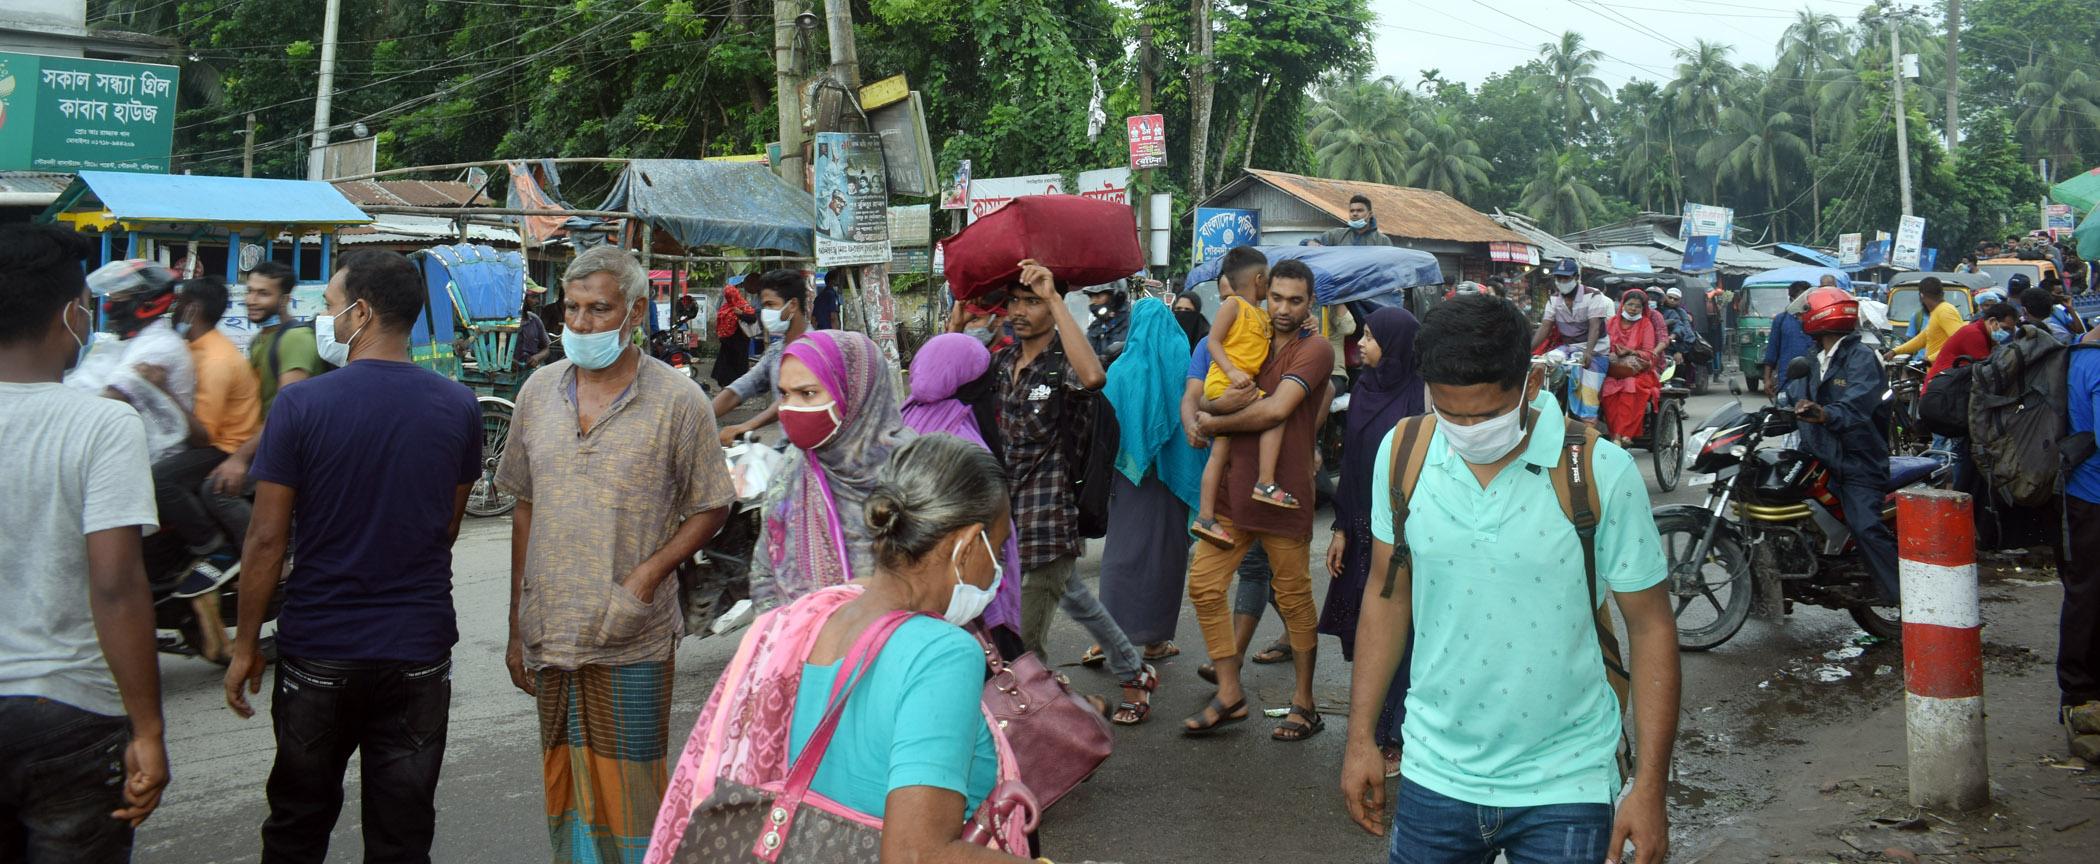 বরিশাল-ঢাকা মহাসড়কে ঢাকাগামী যাত্রীদের ঢল